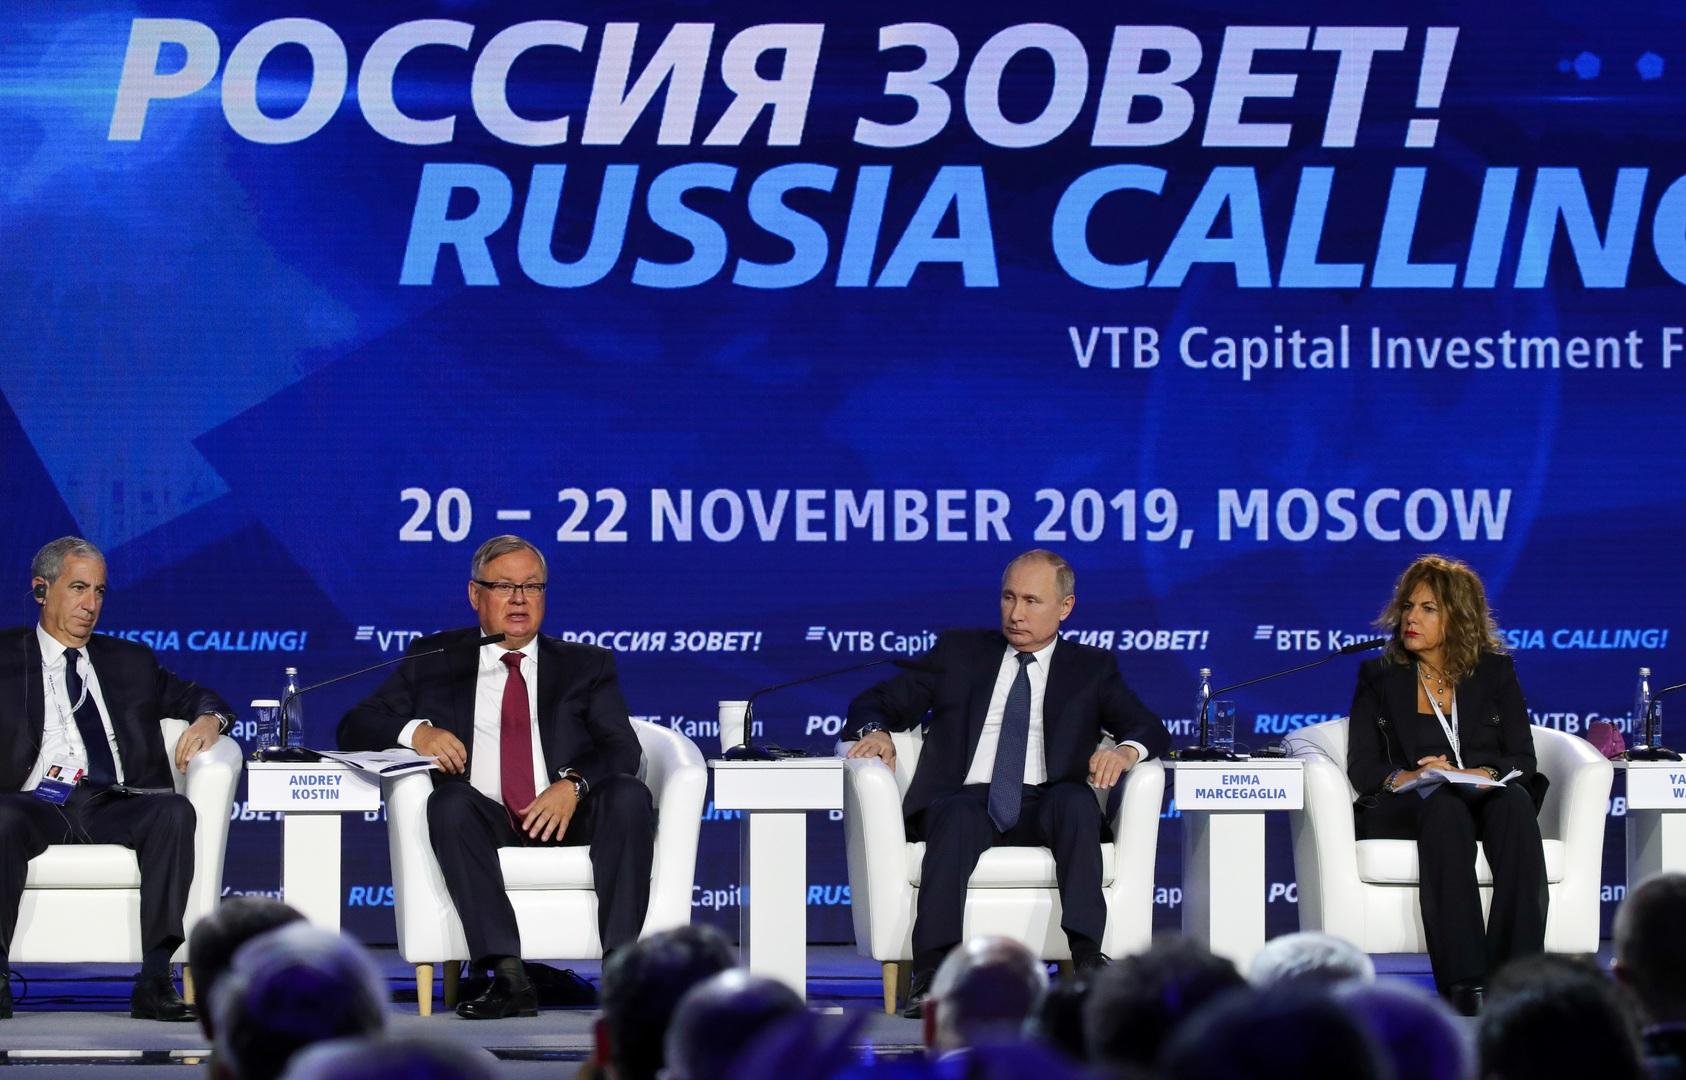 الرئيس الروسي فلاديمير بوتين في منتدى الاستثمار